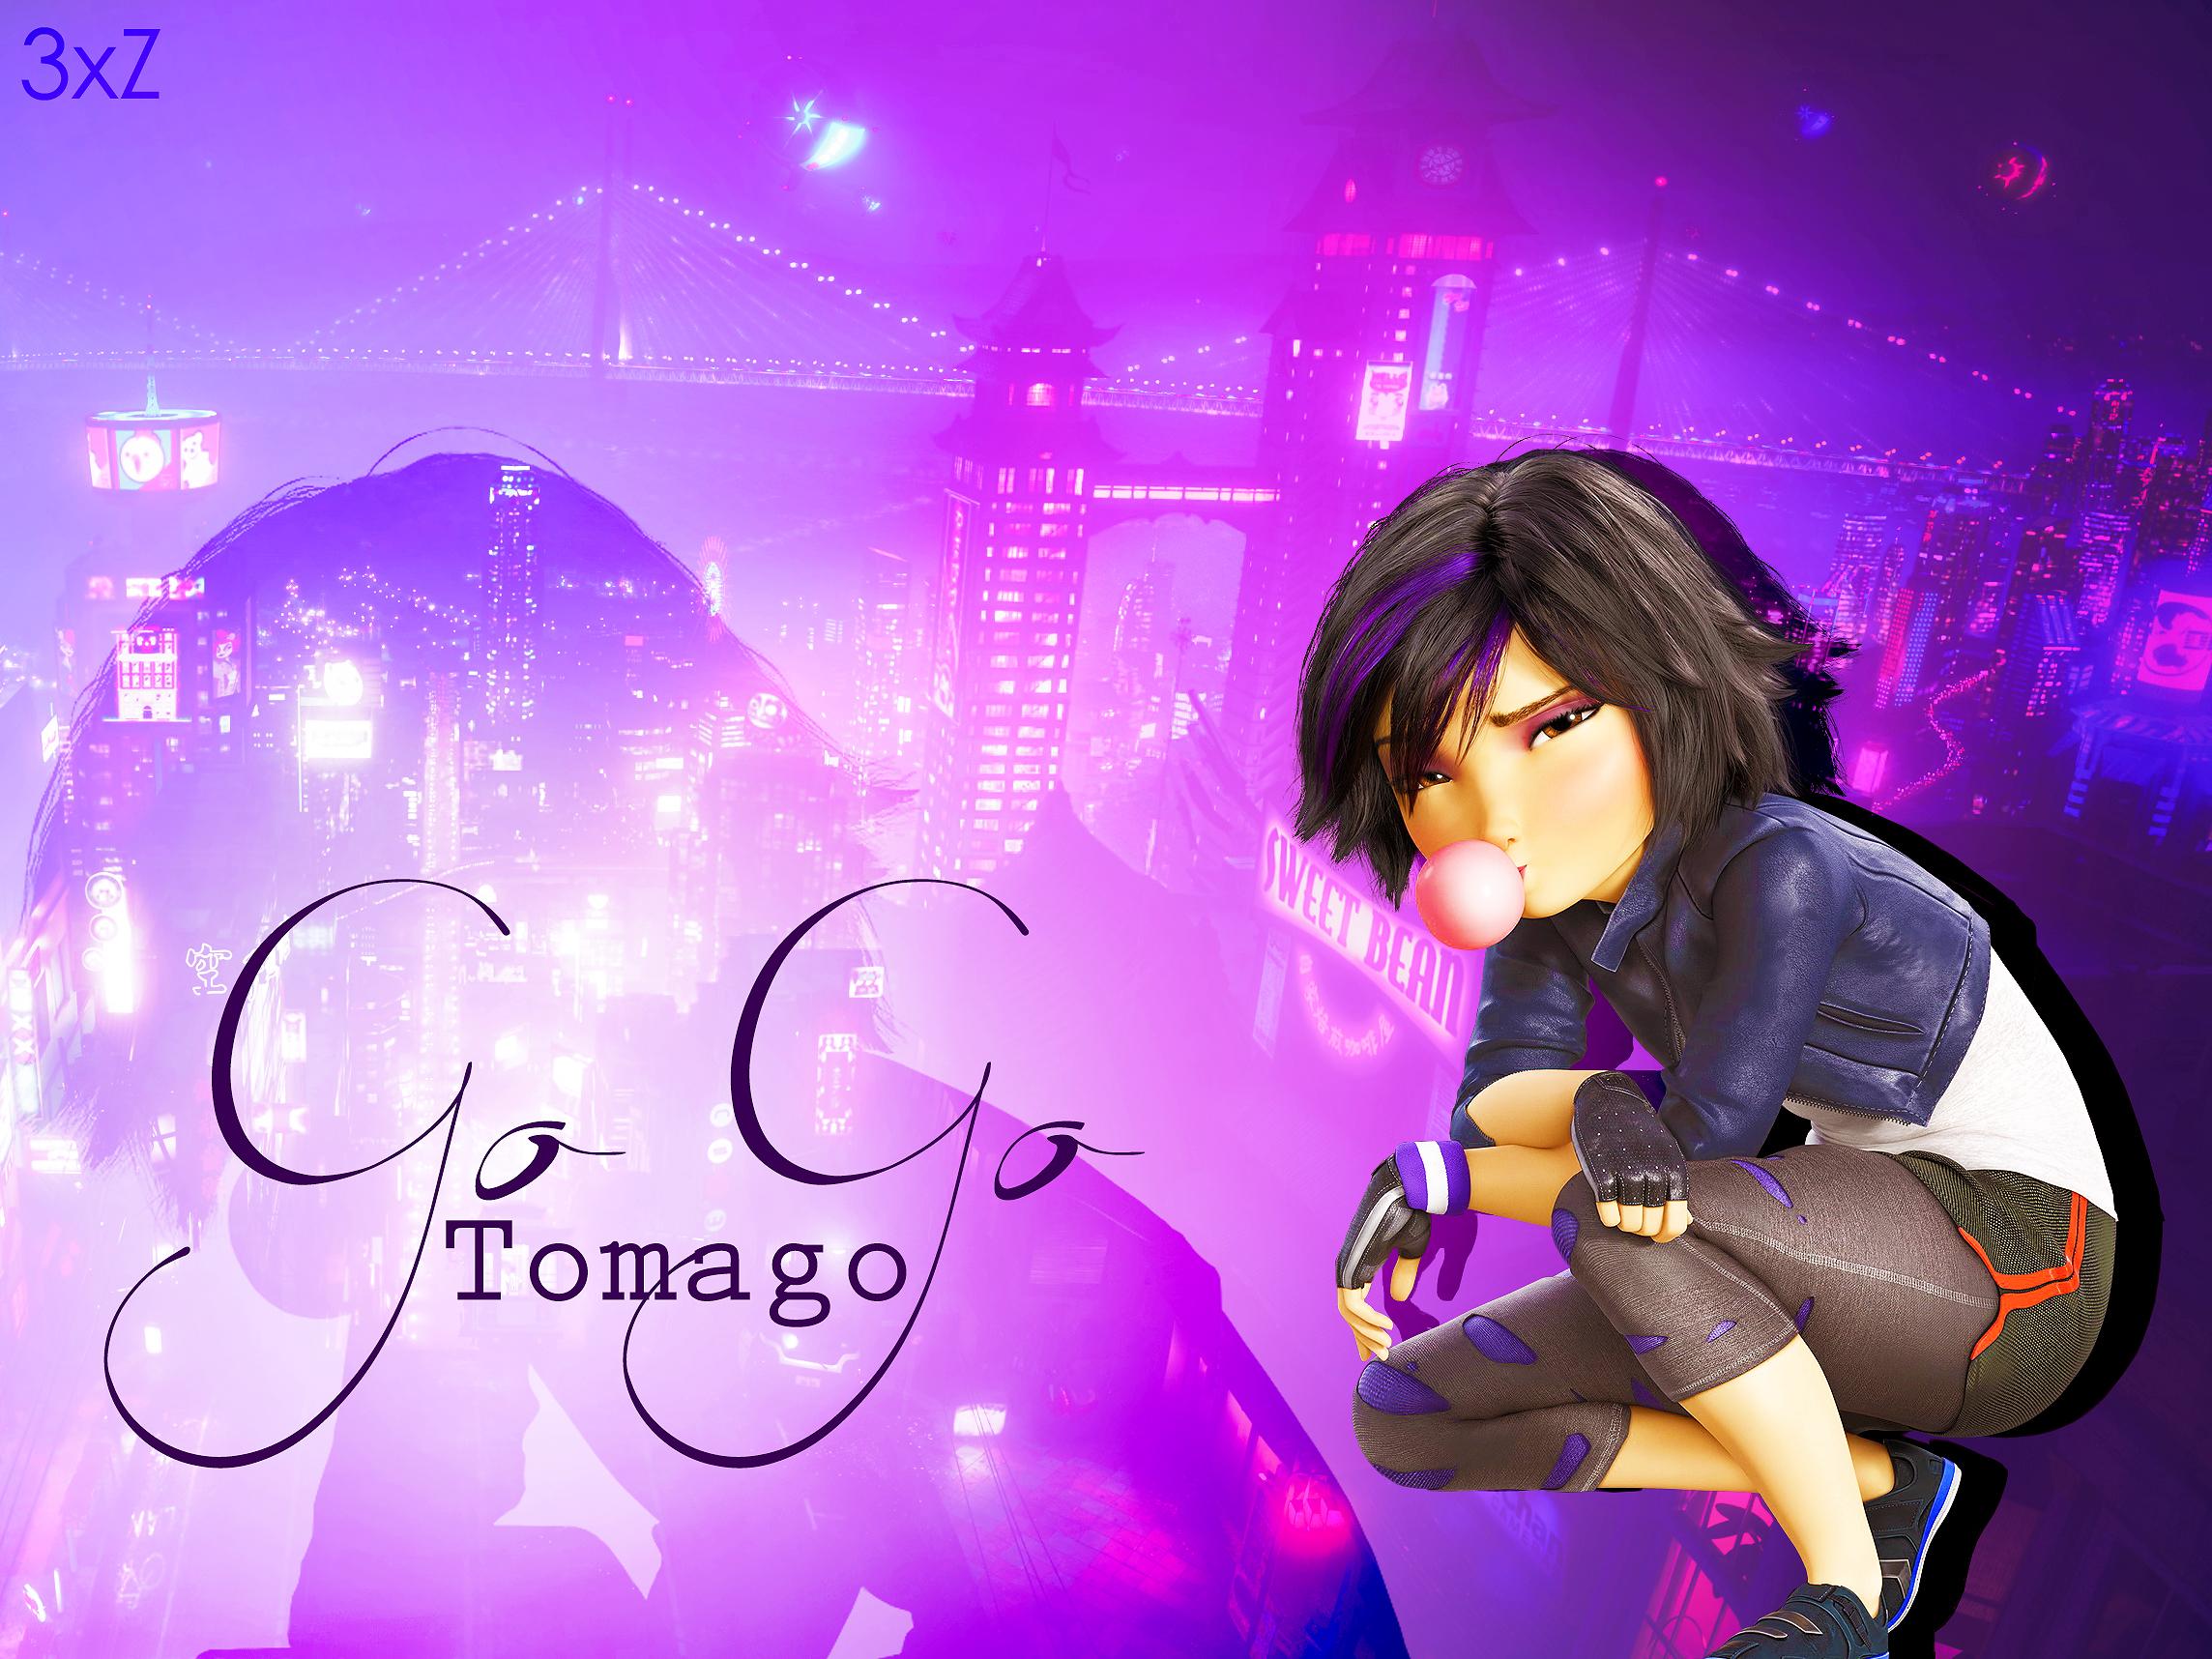 GoGo Tomago Hintergrund